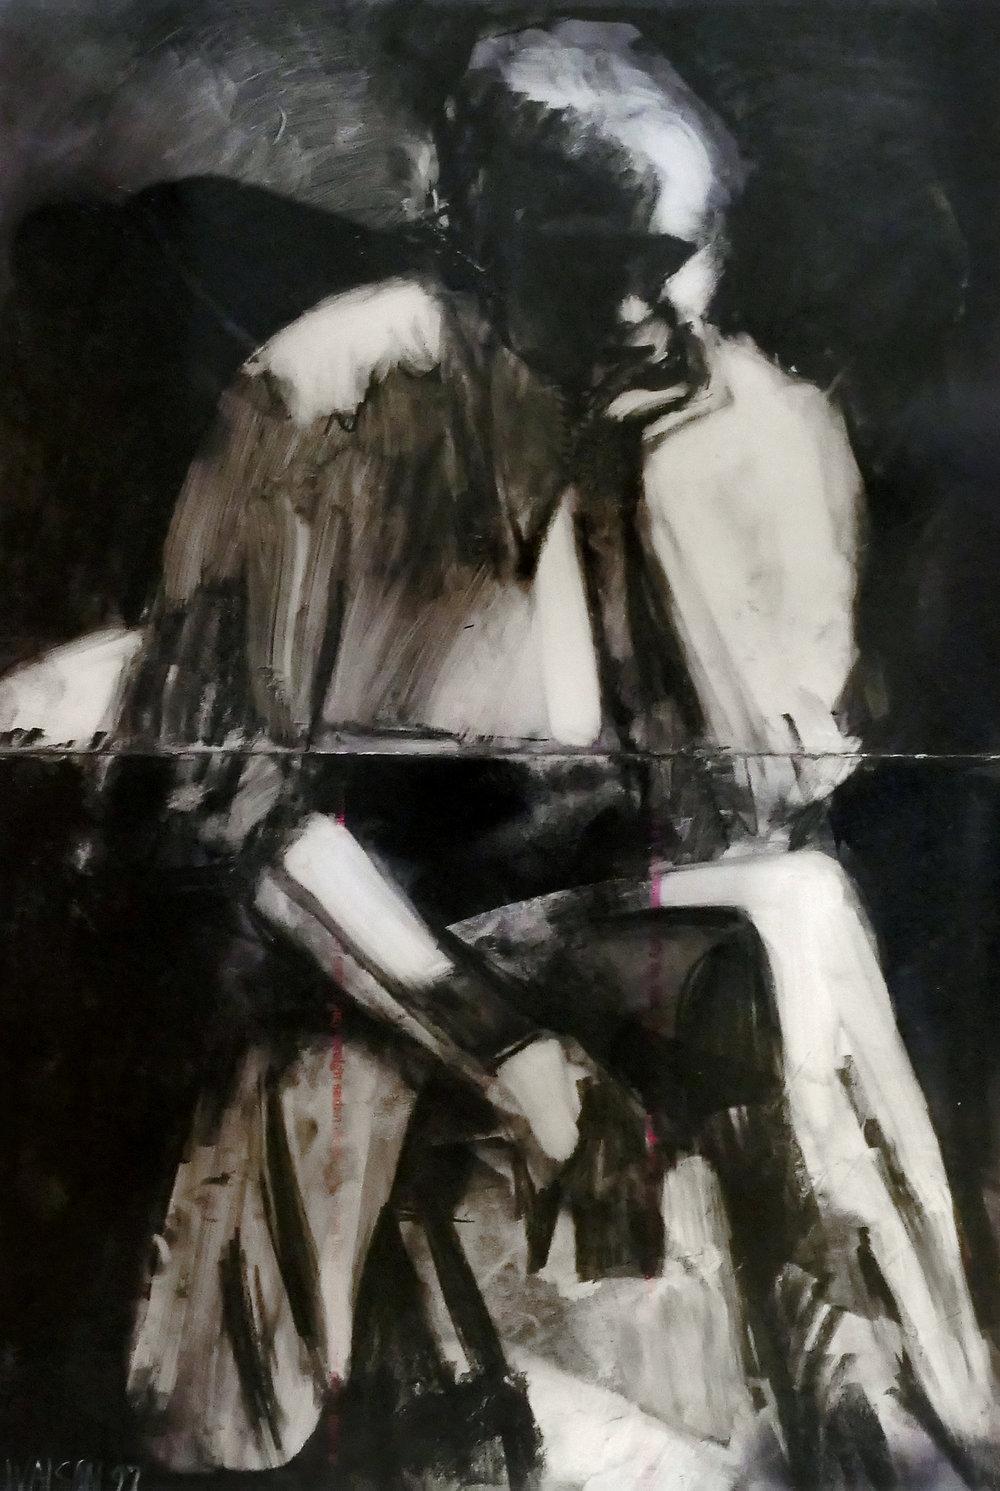 John Walson. Untitled, 1997